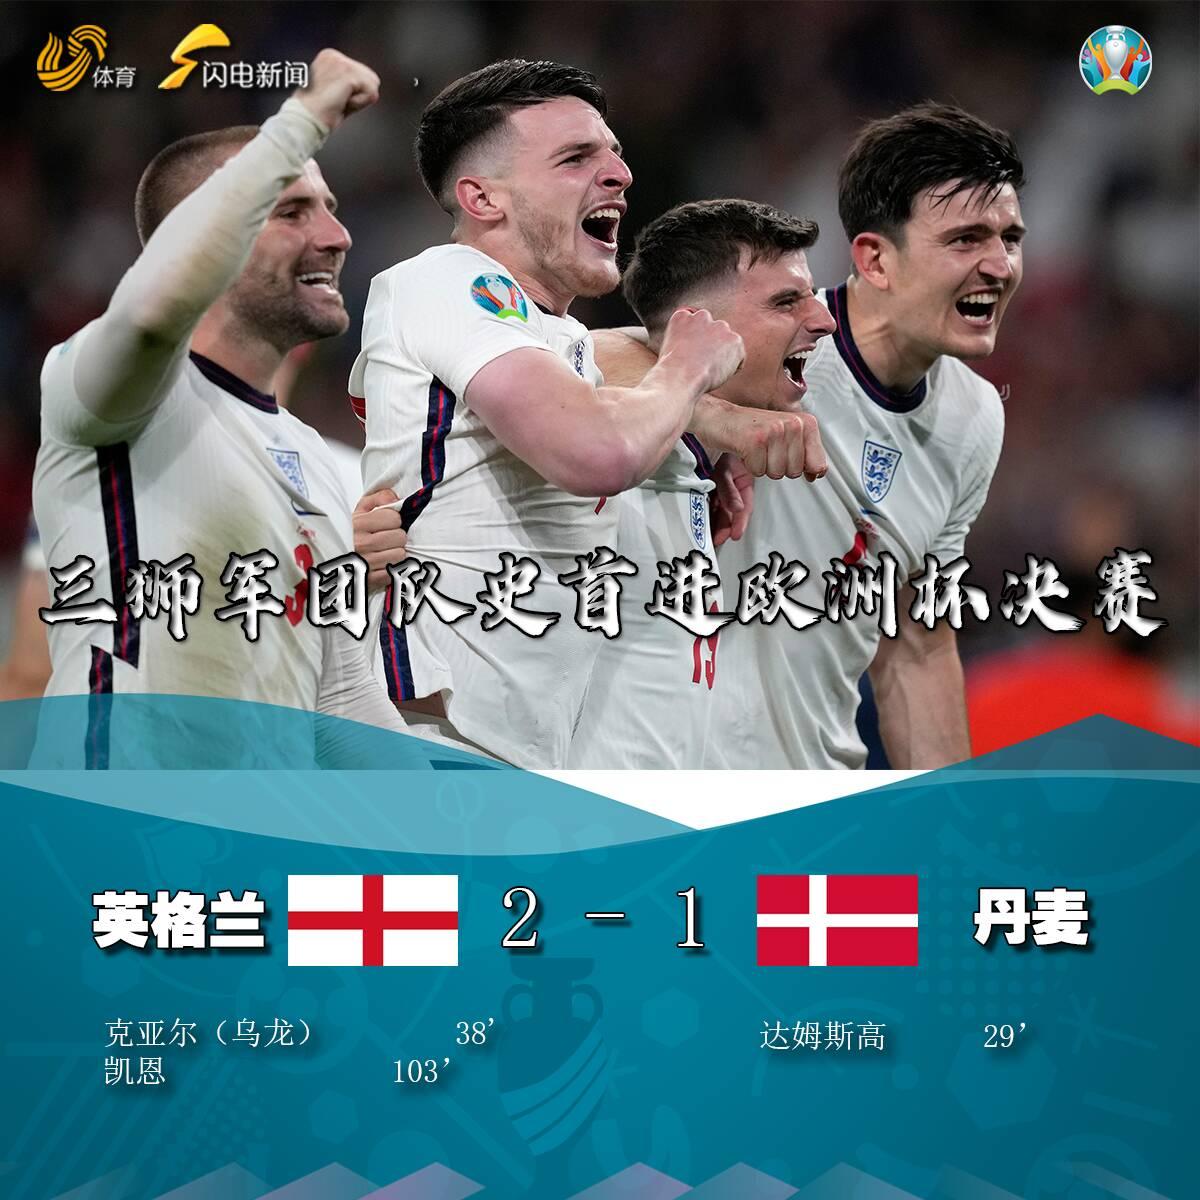 凯恩加时破门 英格兰2-1丹麦队史首进欧洲杯决赛